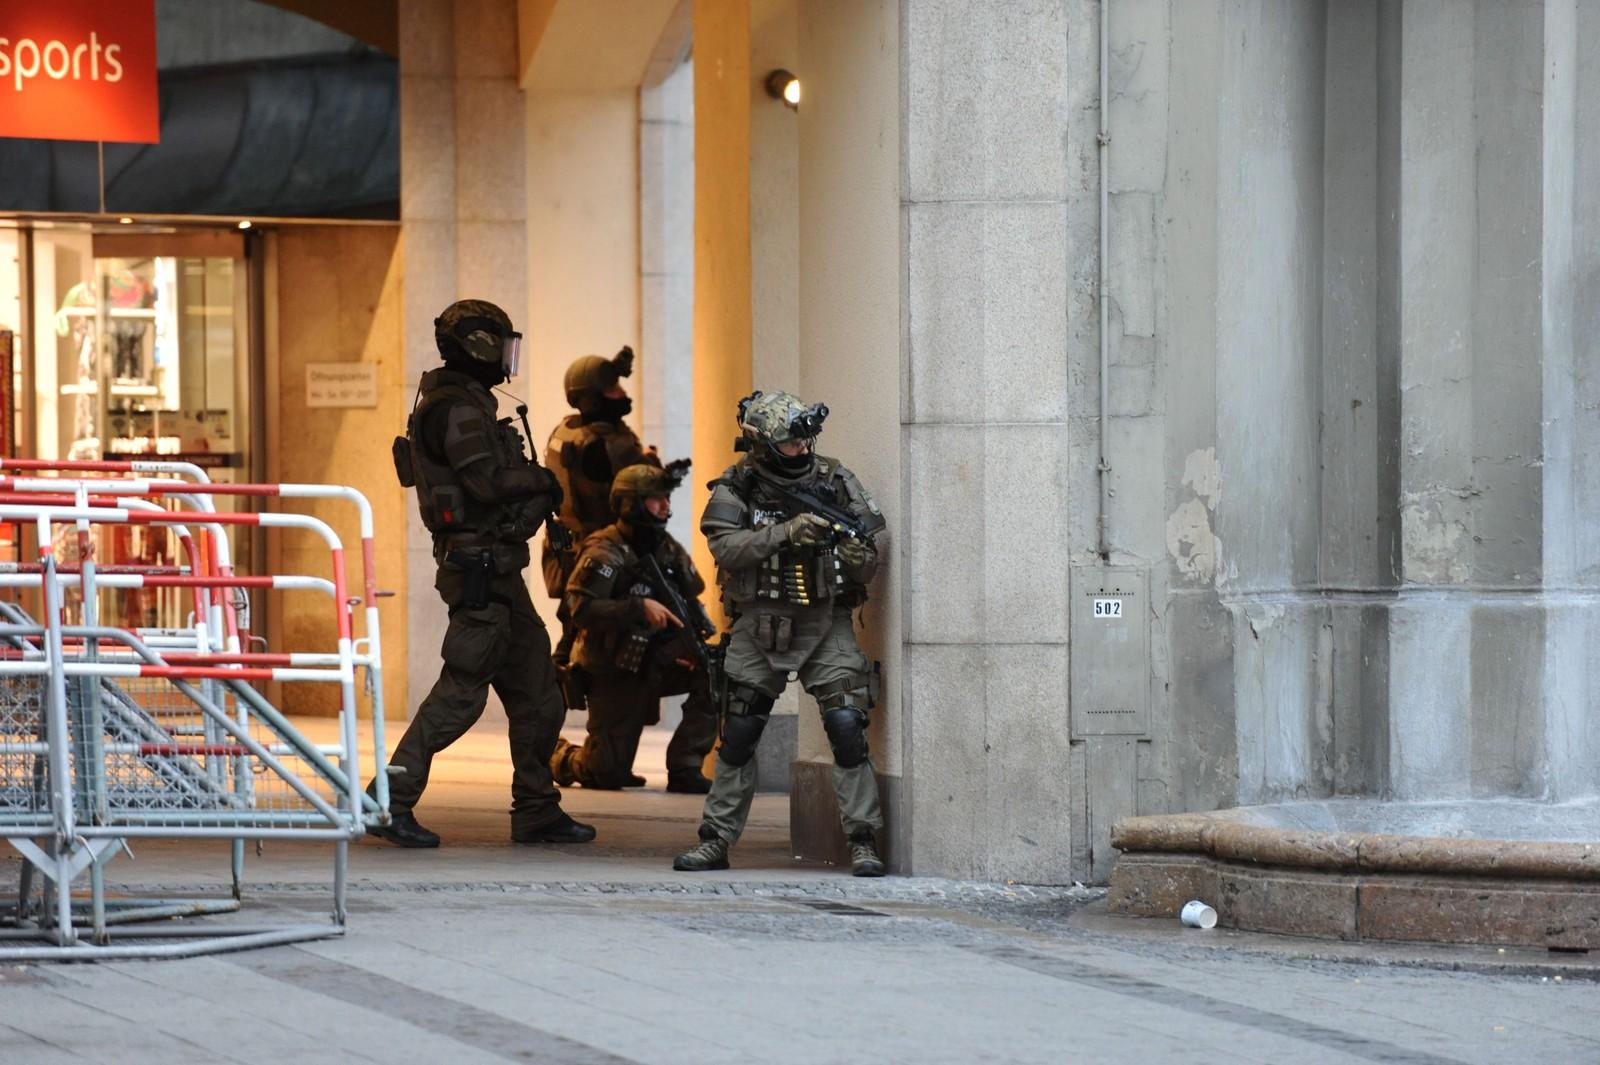 SIKRER OMRÅDET: Tysk politi sikrer området utenfor undergrunnstasjonen Karlsplatz i München, som ligger like ved kjøpesenteret der en ukjent person begynte å skyte fredag kveld.